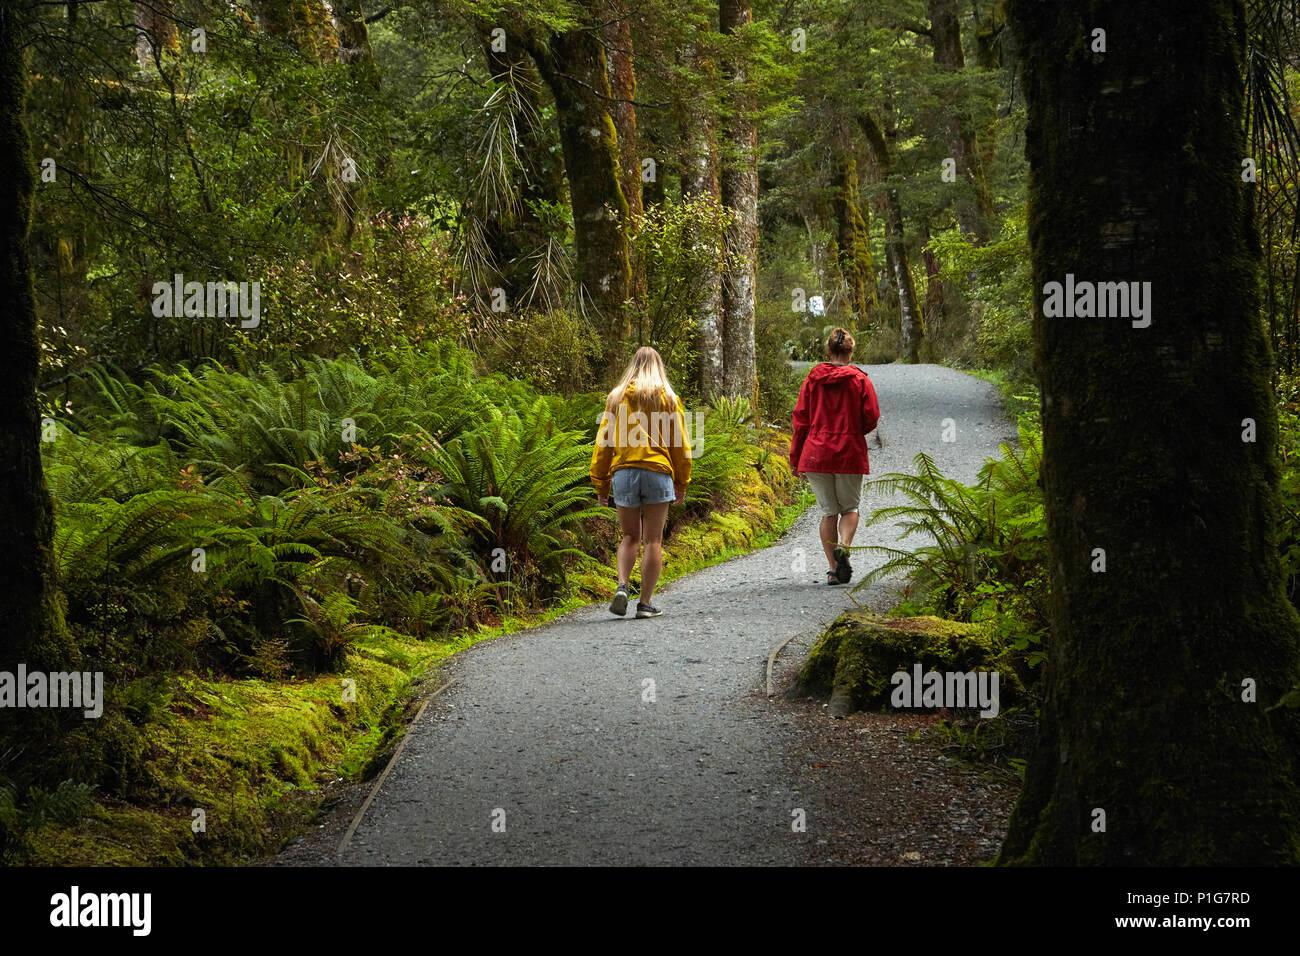 La bonne voie pour piscines bleu, Mount Aspiring National Park, Haast Pass, près de Makarora, Otago, île du Sud, Nouvelle-Zélande (Modèle 1992) Photo Stock